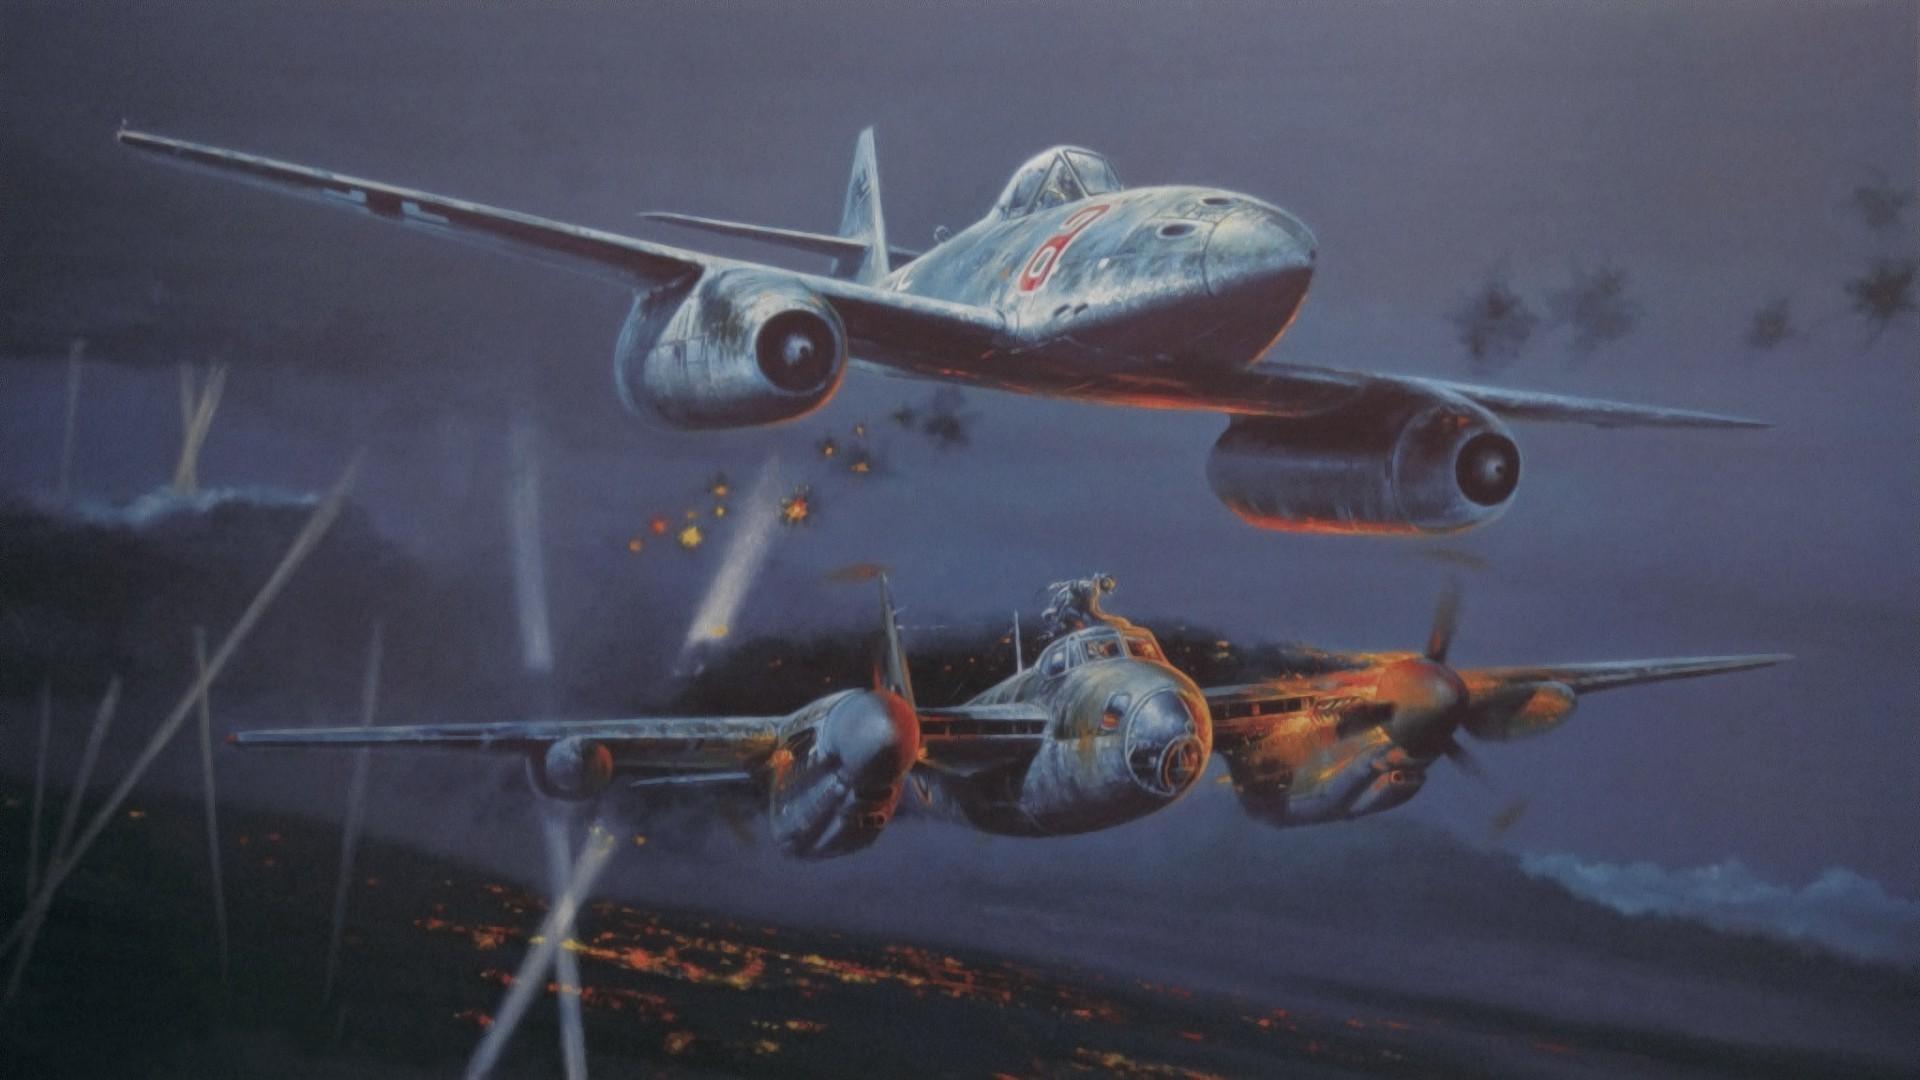 artwork, Aircraft, Military, World War II, Messerschmitt Me 262, De  Havilland